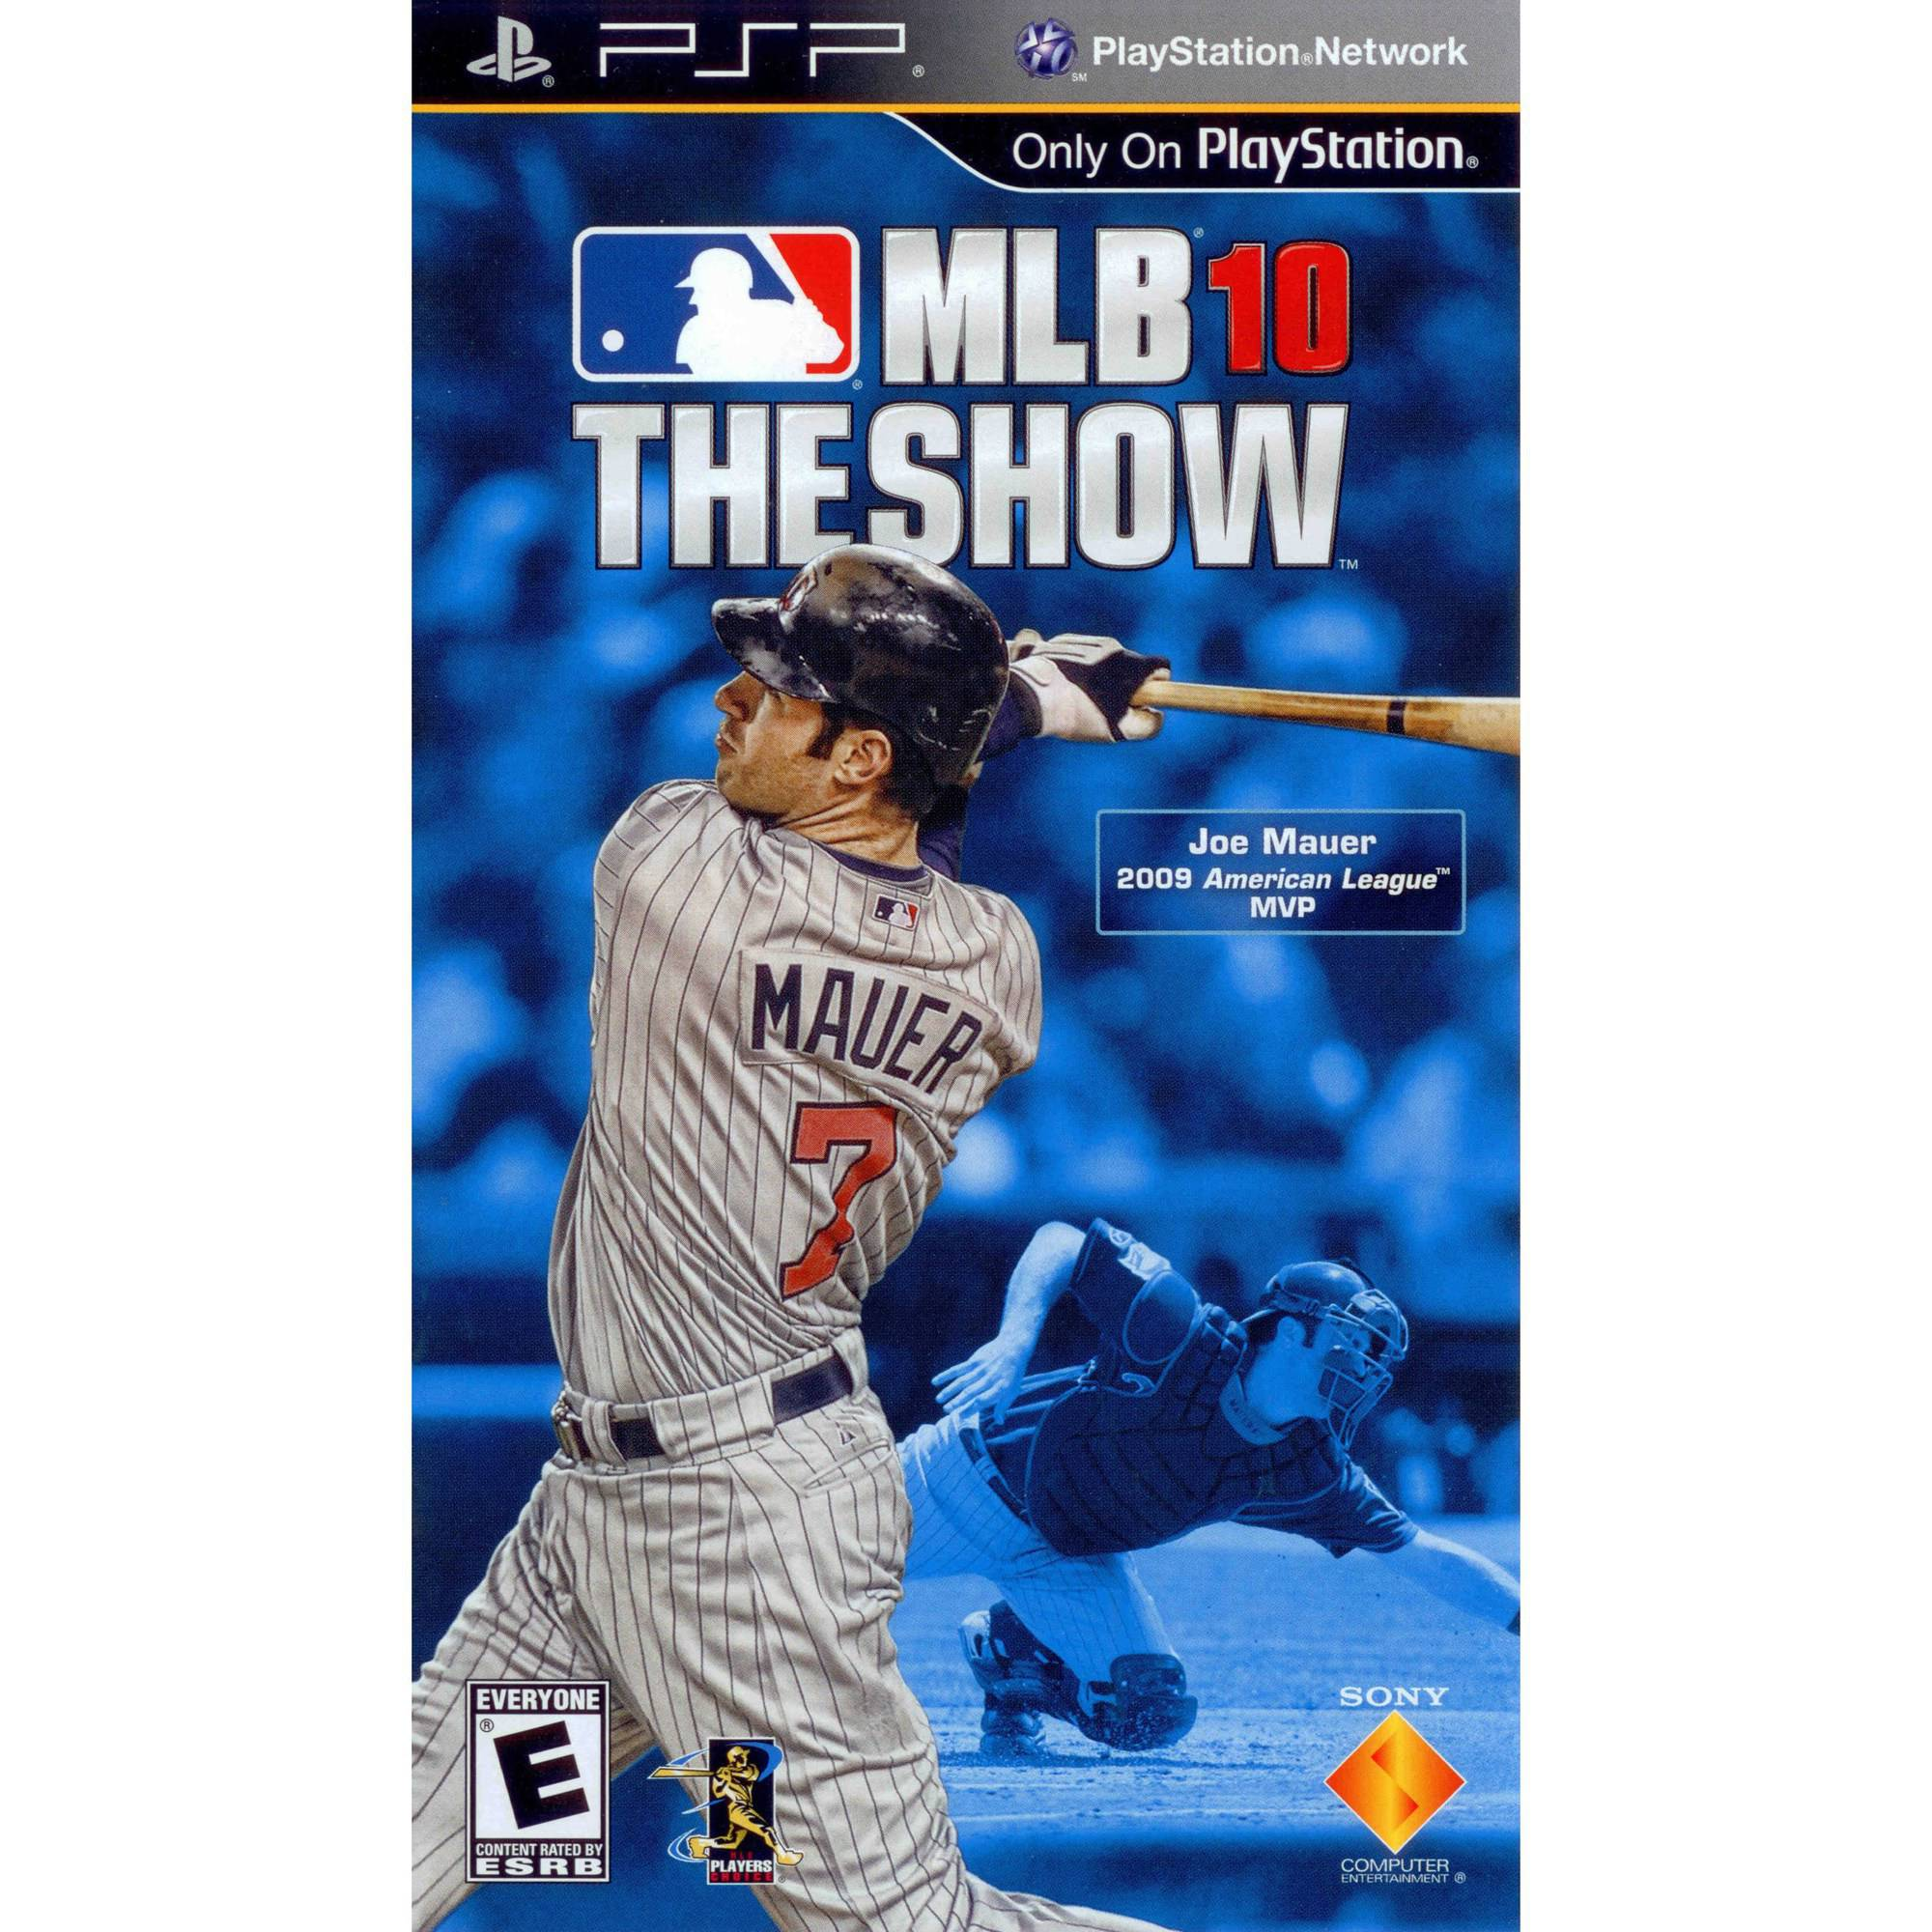 MLB '10 The Show (PSP)